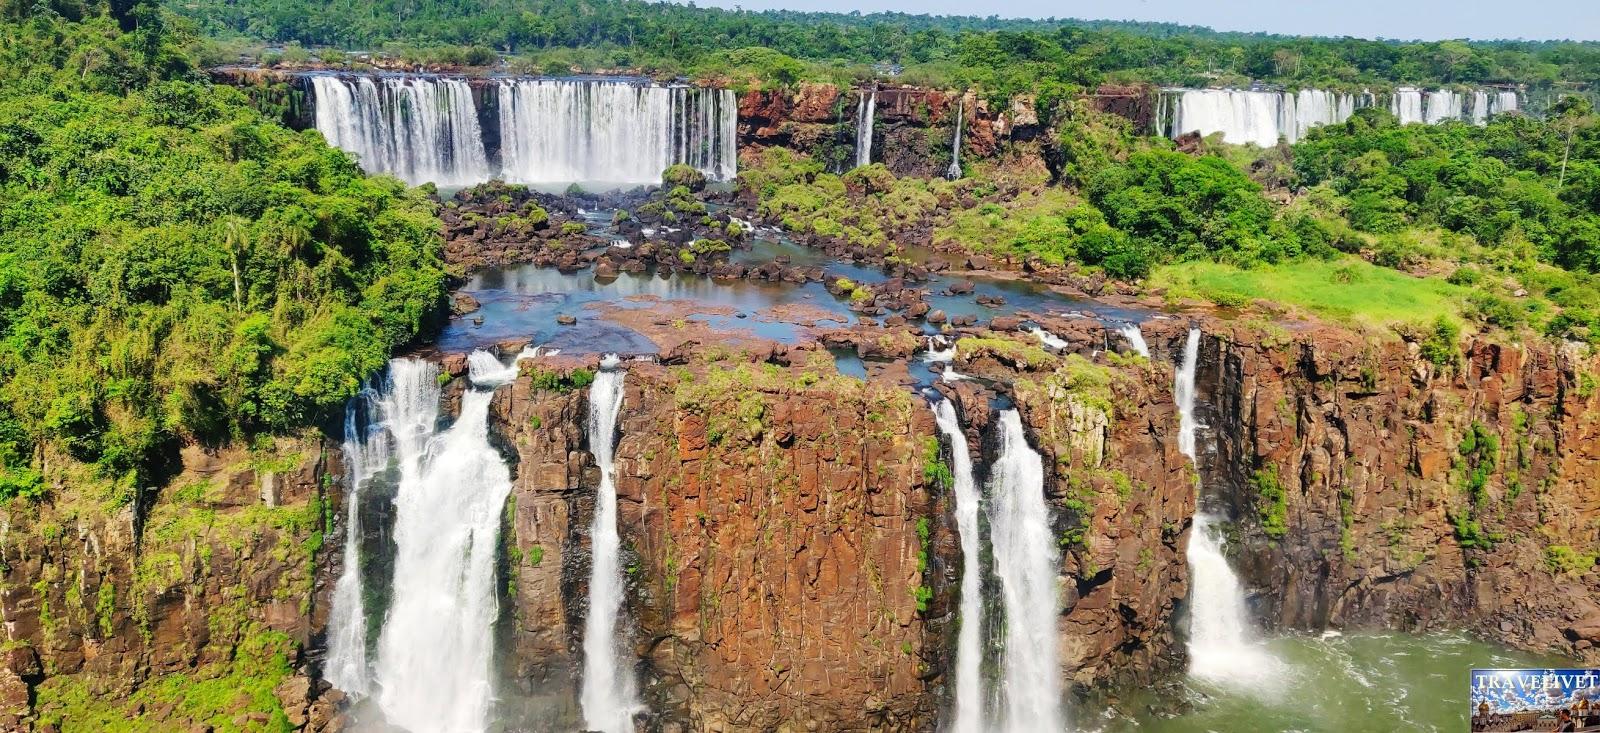 Iguassu Iguaçu Iguazu Brésil Chutes Cascade